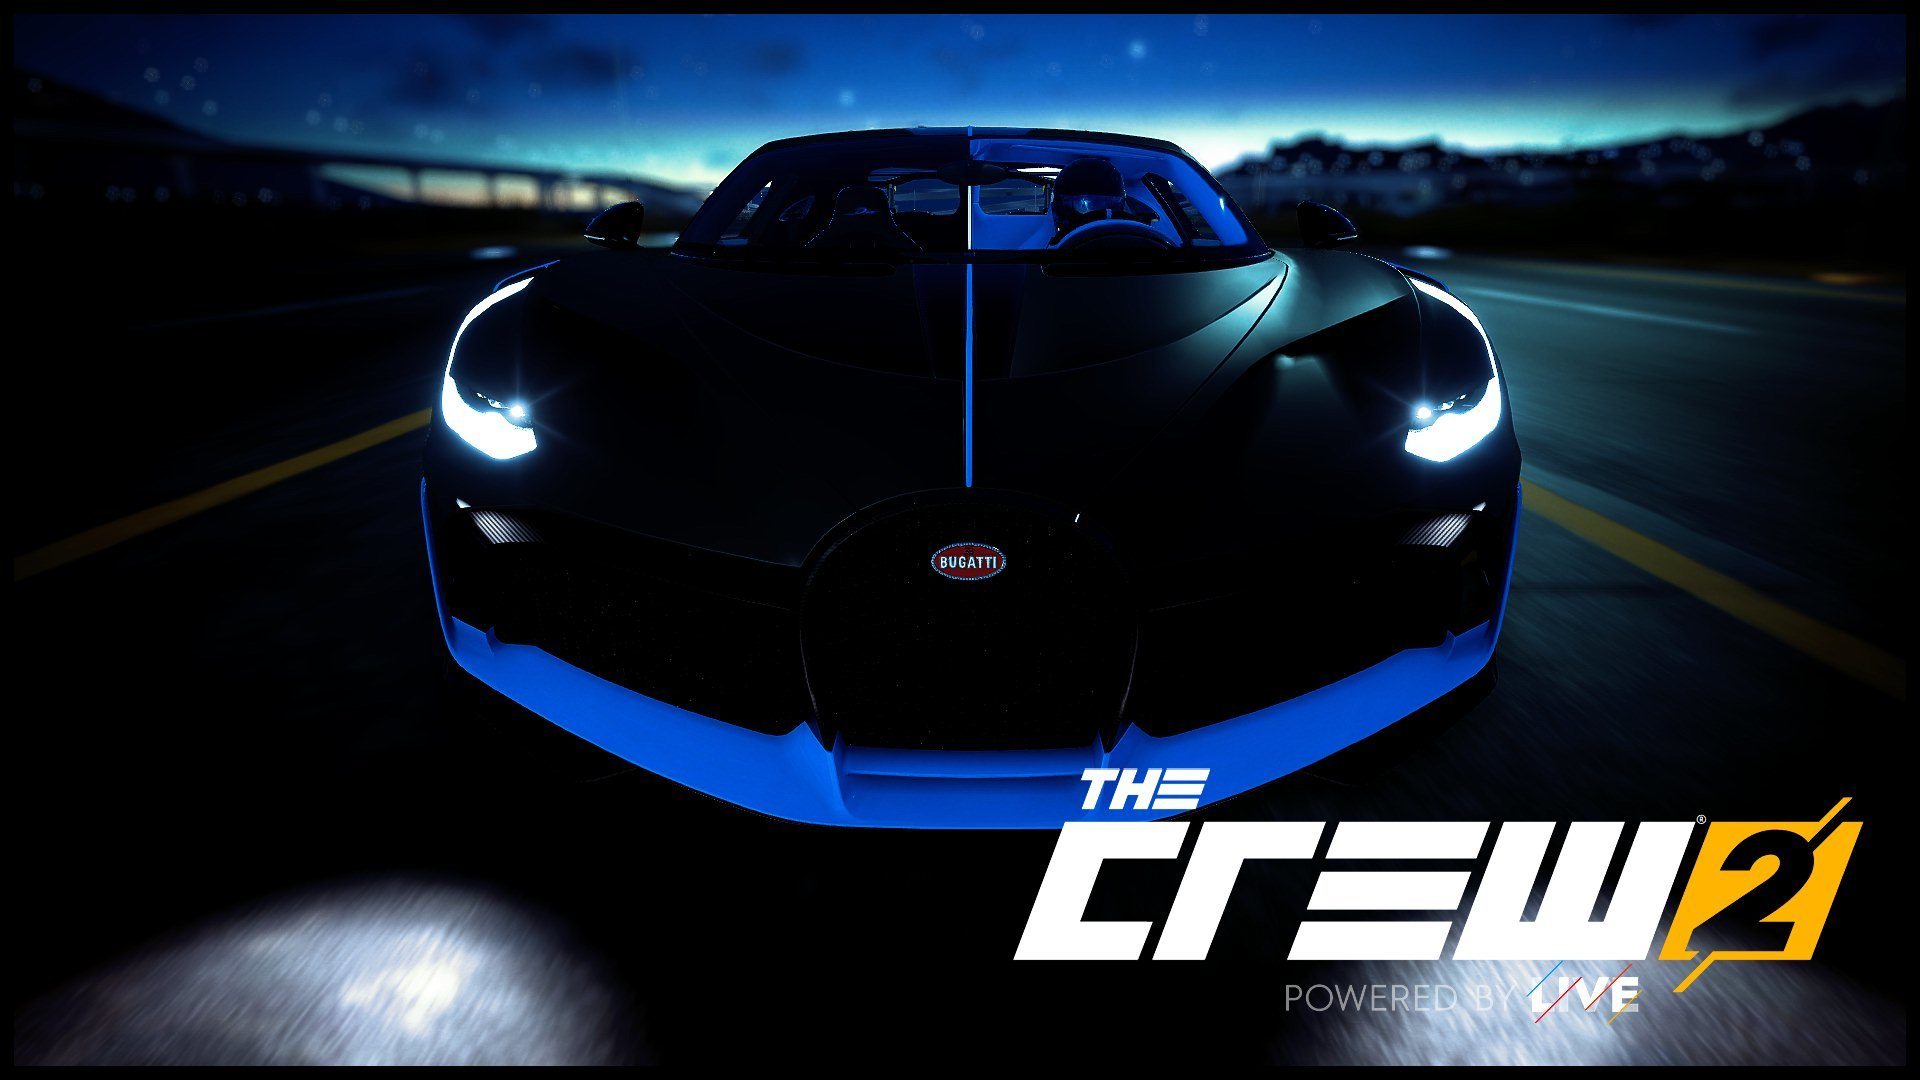 ゲーム「THE CREW2 無料大型アップデート第3弾!!!!」_b0362459_08153837.jpeg